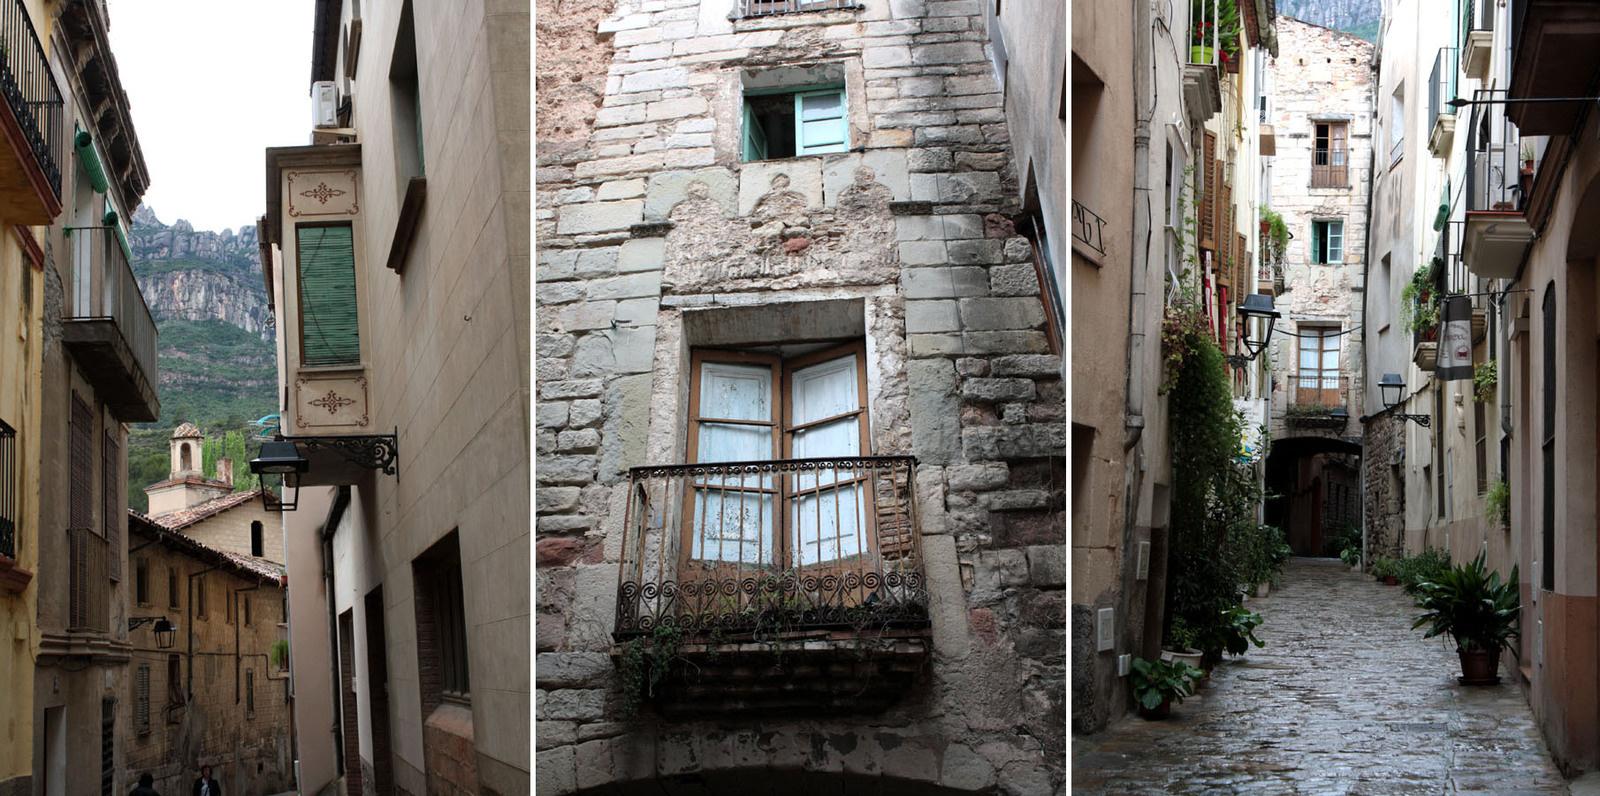 Album de voyage : Catalogne, entre Tarragone et Barcelone (2ème partie)